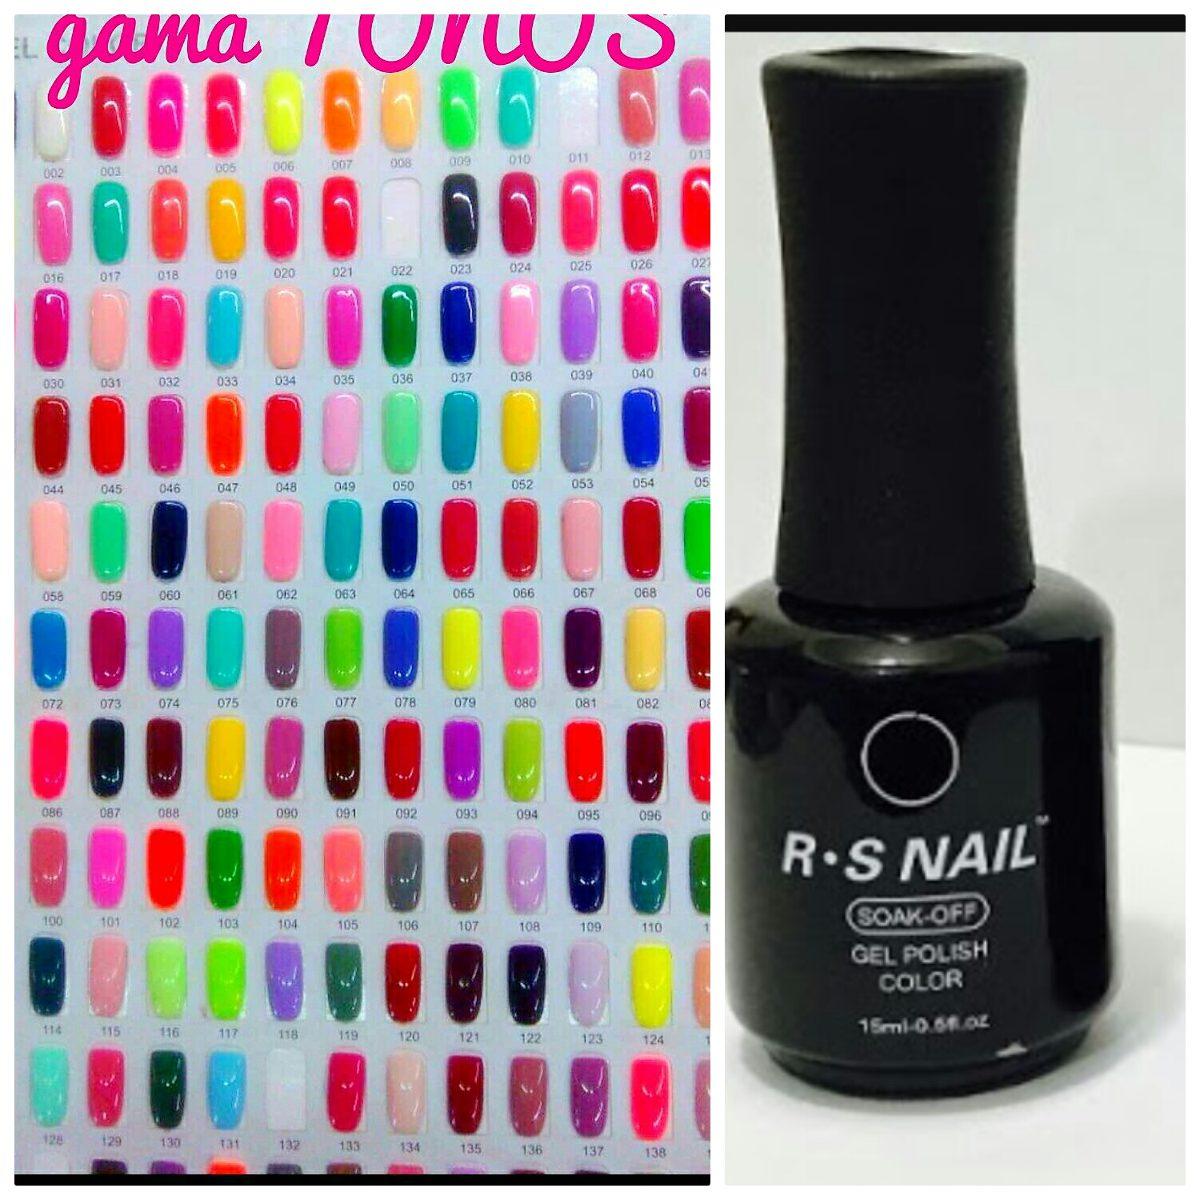 Rs Nail: 12 Esmaltes Gel 21 Dias Gelish Uñas Rs Nails 15ml